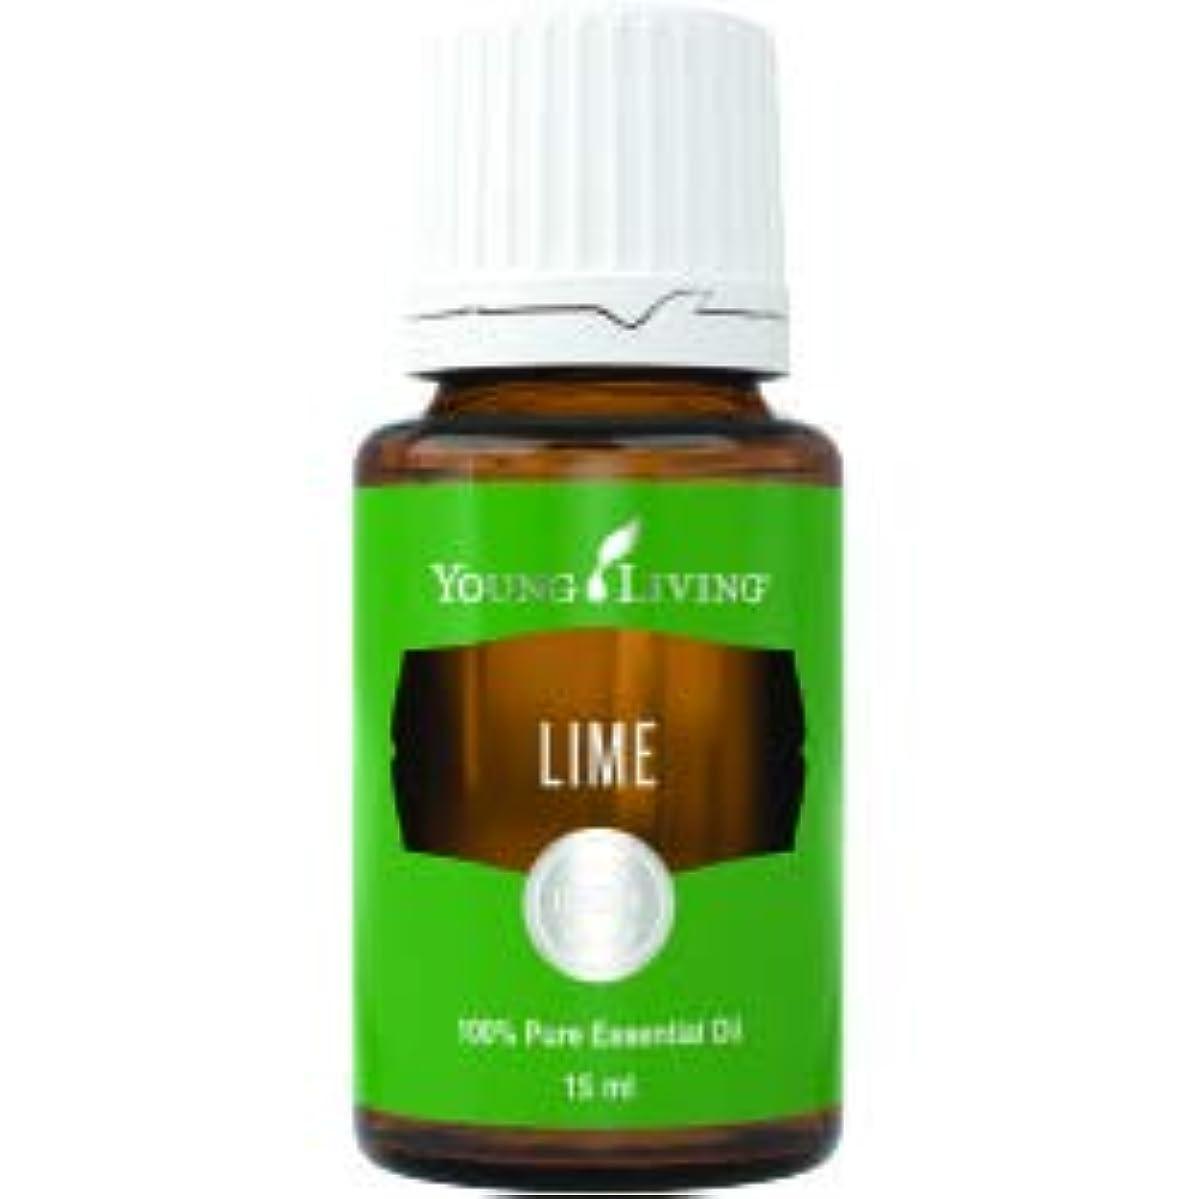 ビスケット追放反対にライムエッセンシャルオイル15ml by Young Livingエッセンシャルオイルマレーシア Lime Essential Oil 15ml by Young Living Essential Oil Malaysia